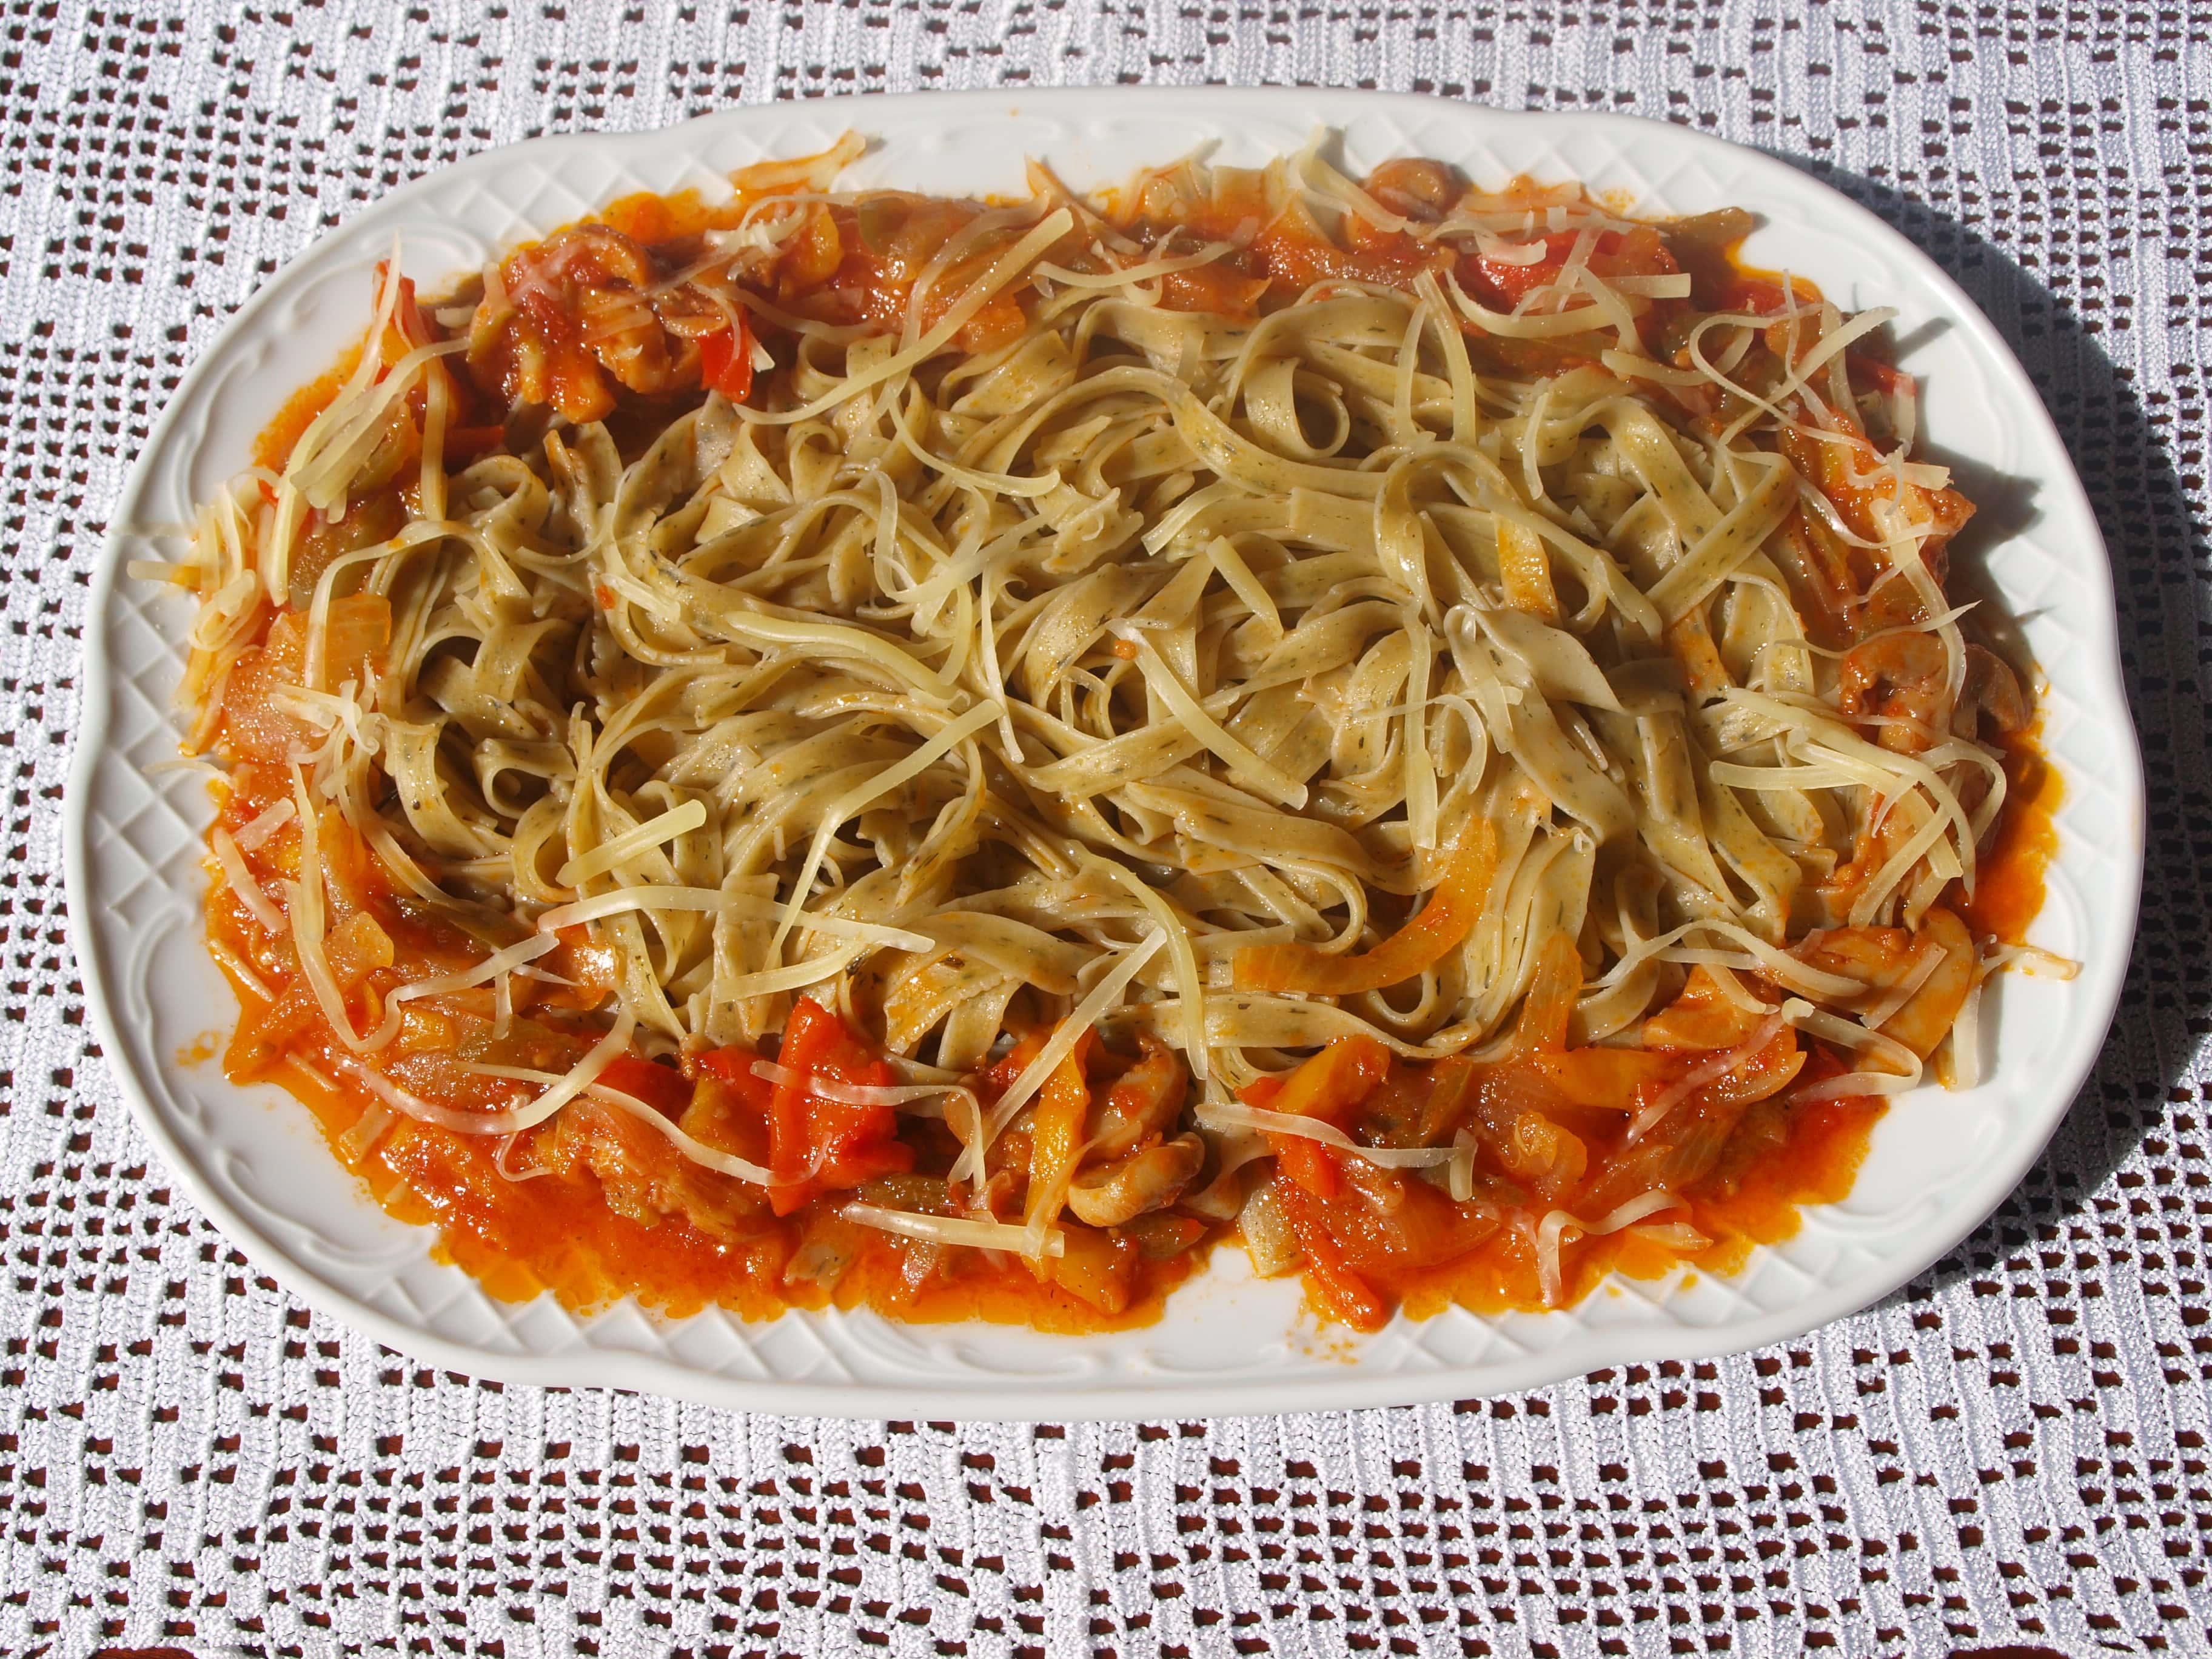 ΧΥΛΟΠΙΤΕΣ με ΒΑΣΙΛΙΚΟ  και σάλτσα λαχανικών